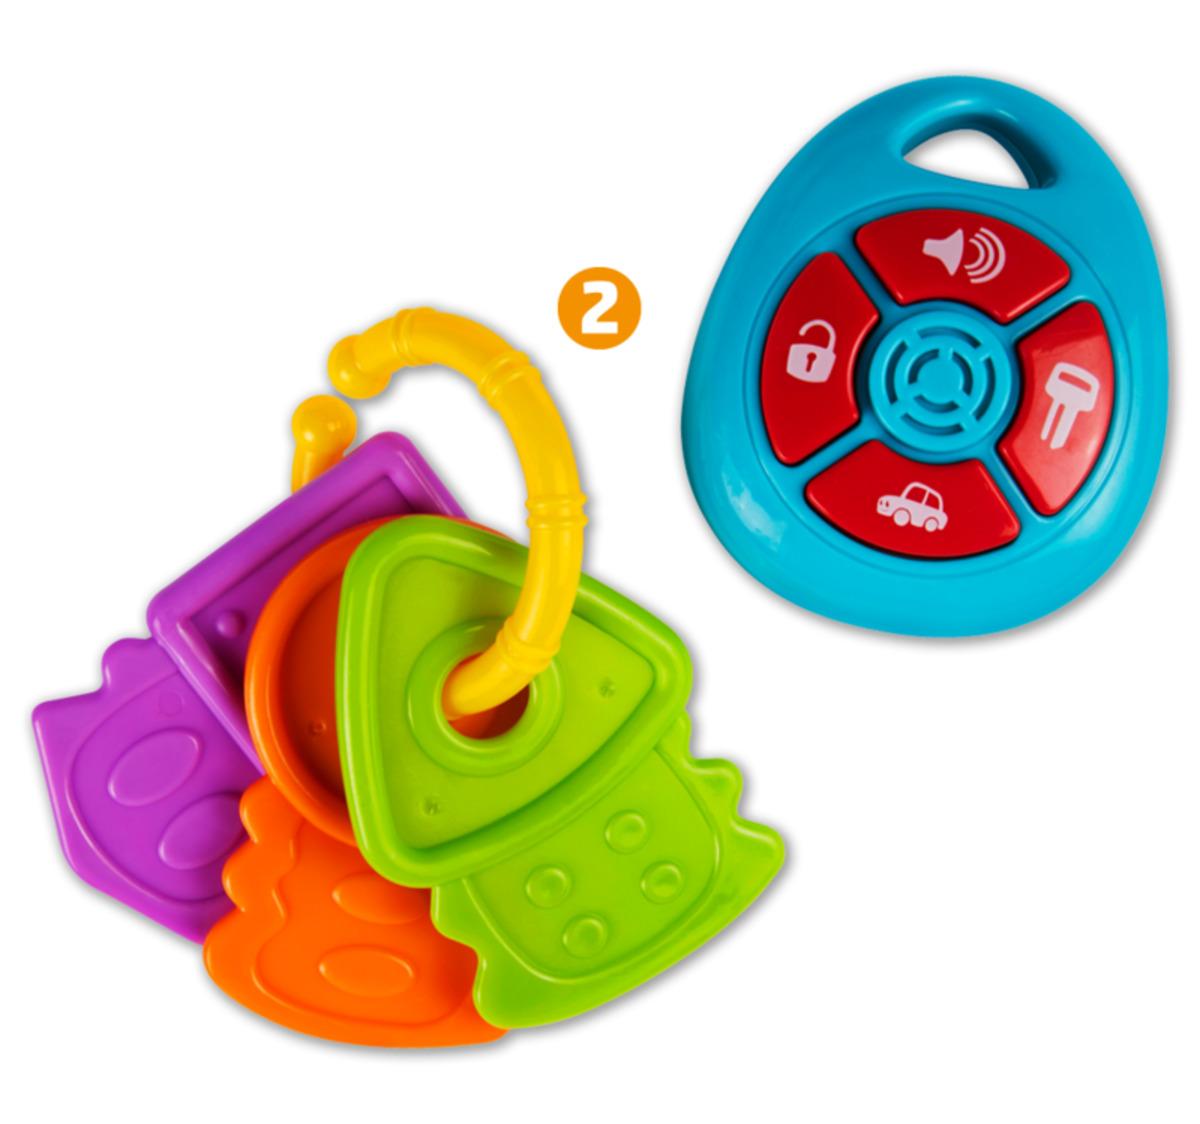 Bild 3 von SIMBA Baby-ABC-Spielzeug